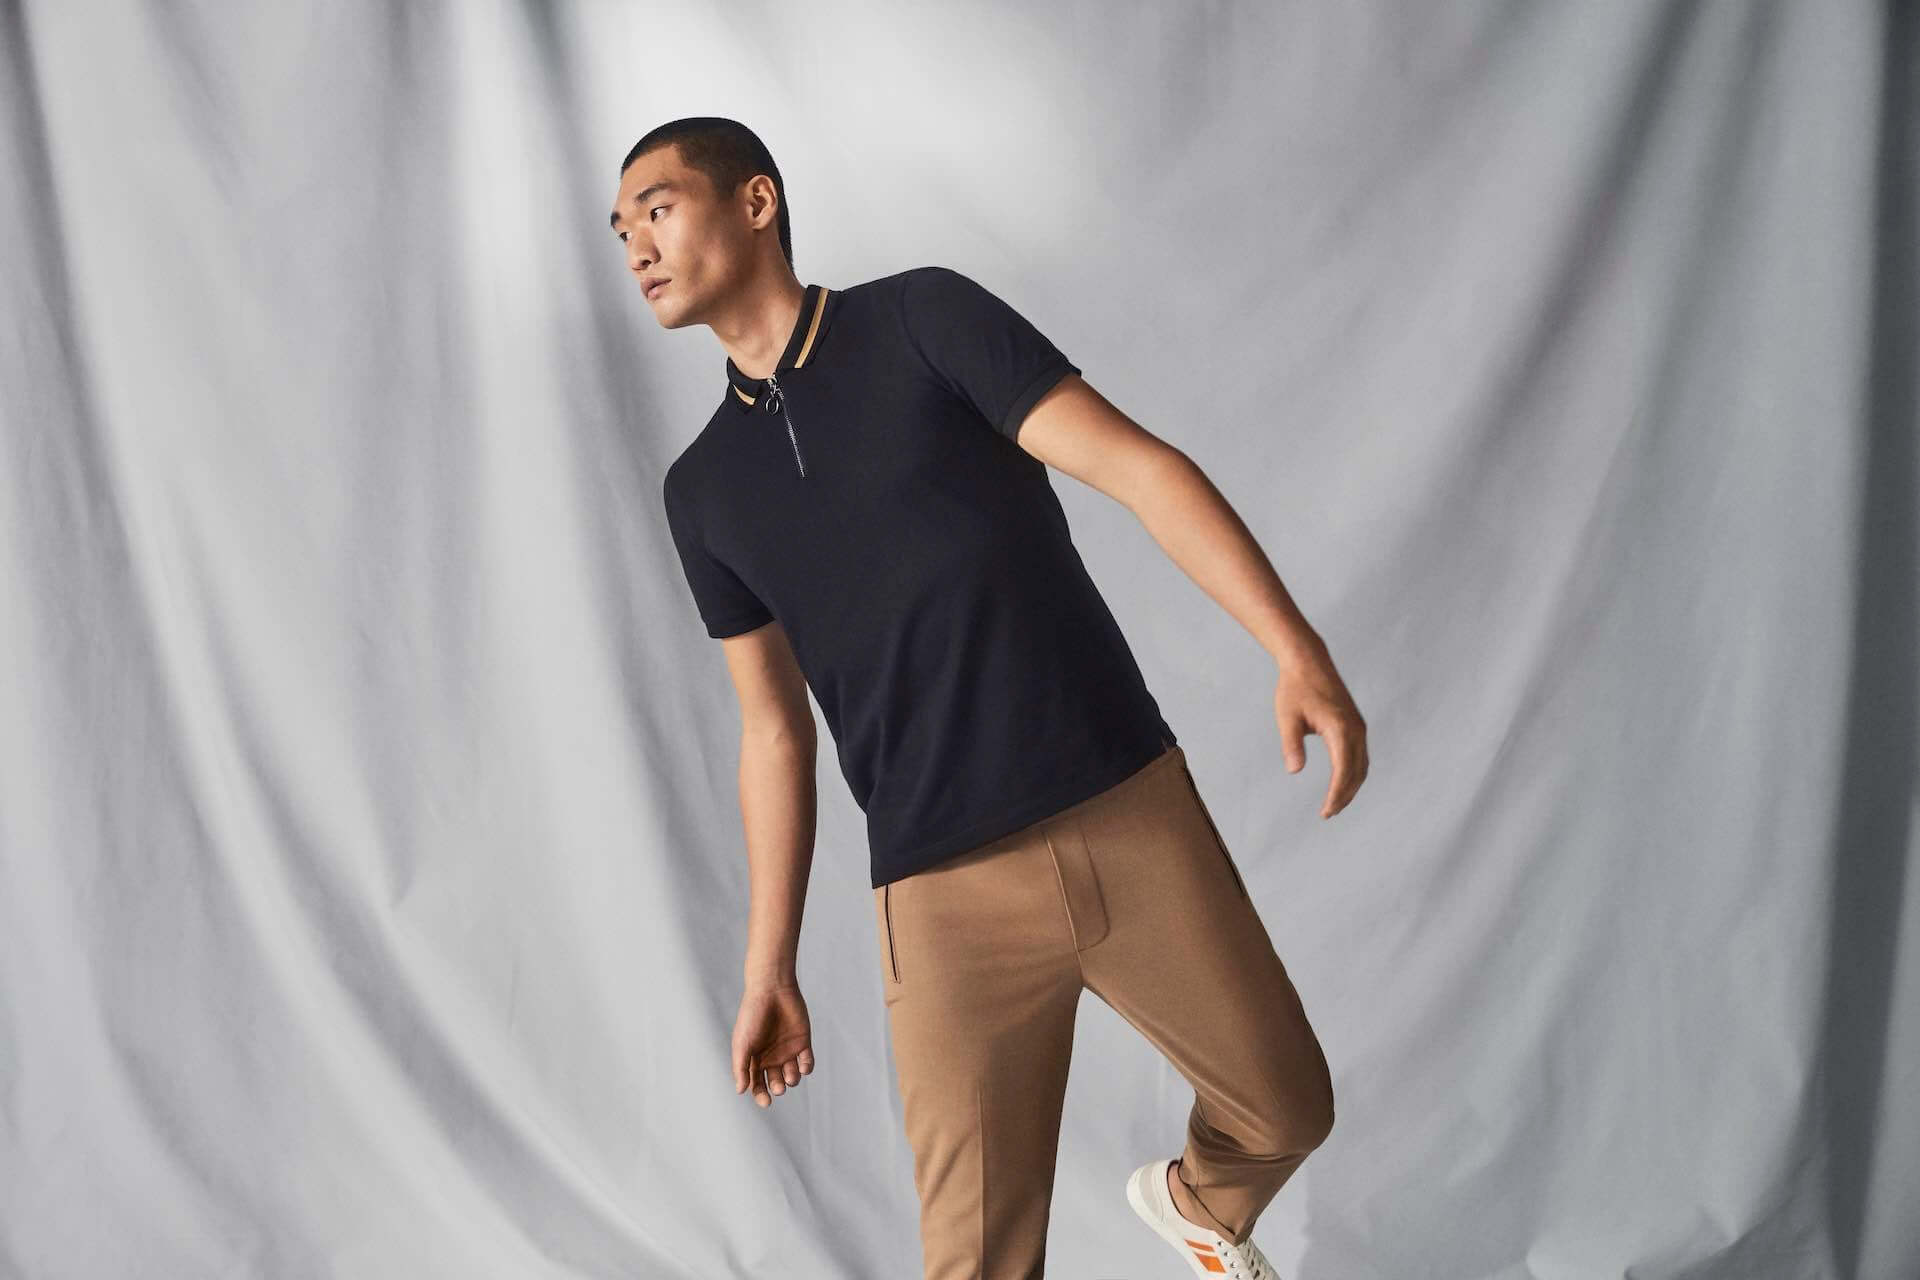 H&Mメンズから、新ファブリック・COOLMAX®︎搭載の最新夏コレクションが登場!暑さ対策に最適なTシャツなど全35型 lf200617_hm_men_2-1920x1280